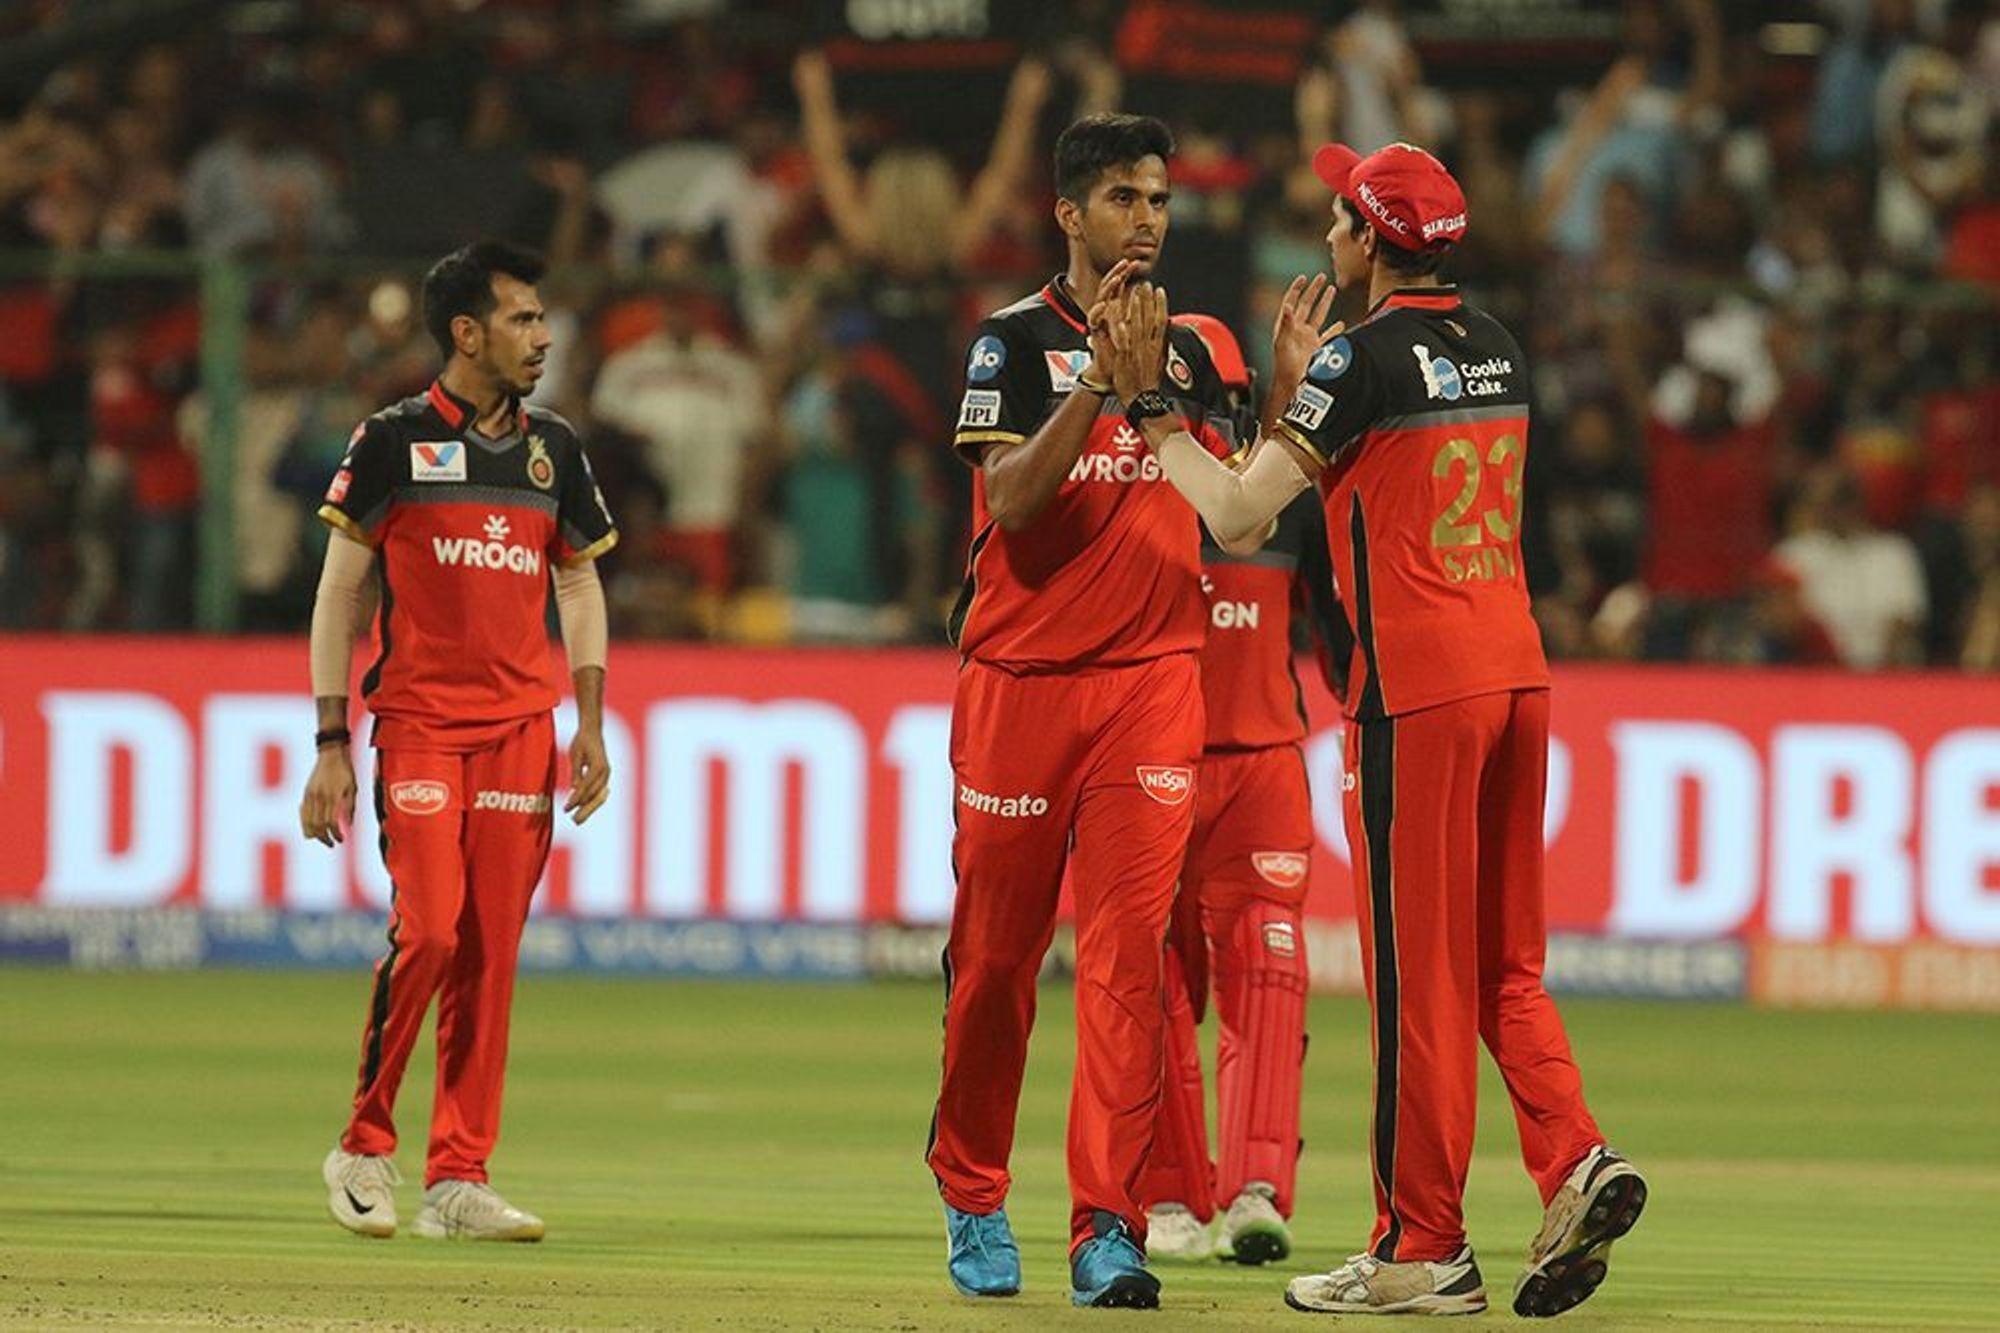 विराट की खराब कप्तानी नहीं बल्कि बीसीसीआई की लापरवाही से प्लेऑफ से बाहर हुई रॉयल चैलेंजर्स बैंगलोर! 1